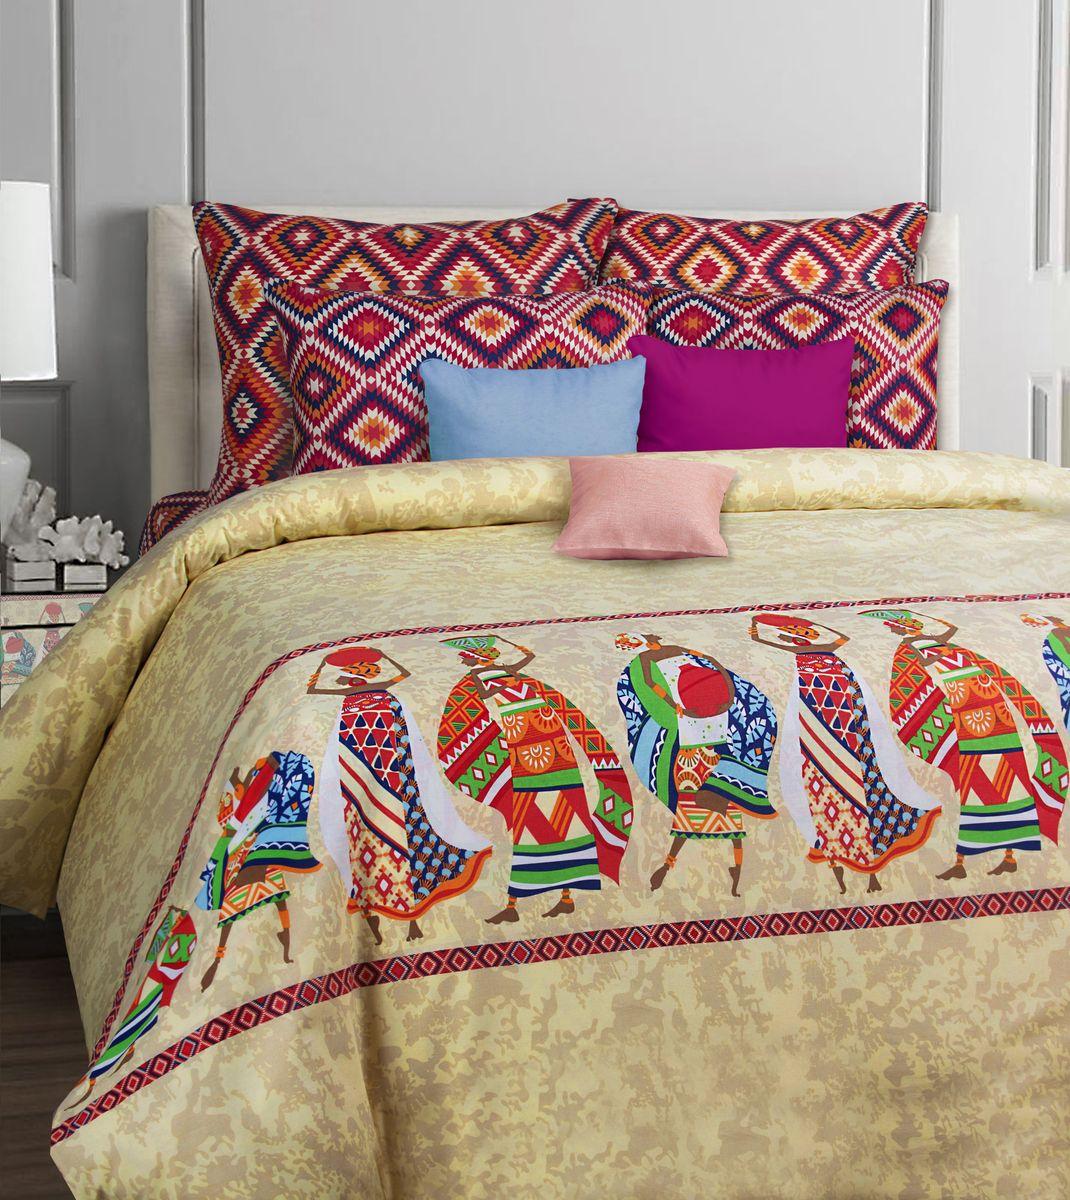 Комплект белья Mona Liza Classik. Afrika, 2-спальный, наволочки 70х70391602Комплект белья Mona Liza Classik. Afrika, выполненный из бязи (100% хлопок), состоит из пододеяльника, простыни и двух наволочек. Изделия оформлены ярким рисунком. В комплект входит:Пододеяльник: 175 х 210 см. Простыня: 215 х 240 см. 2 наволочки: 70 х 70 см. Рекомендации по уходу: - Ручная и машинная стирка 40°С. - Гладить при средней температуре. - Не использовать хлорсодержащие средства. - Щадящая сушка, - Не подвергать химчистке.УВАЖАЕМЫЕ КЛИЕНТЫ!Обращаем ваше внимание, на тот факт, что в комплект входят 4 наволочки, а комплектация, представленная на изображении, служит для визуального восприятия товара.